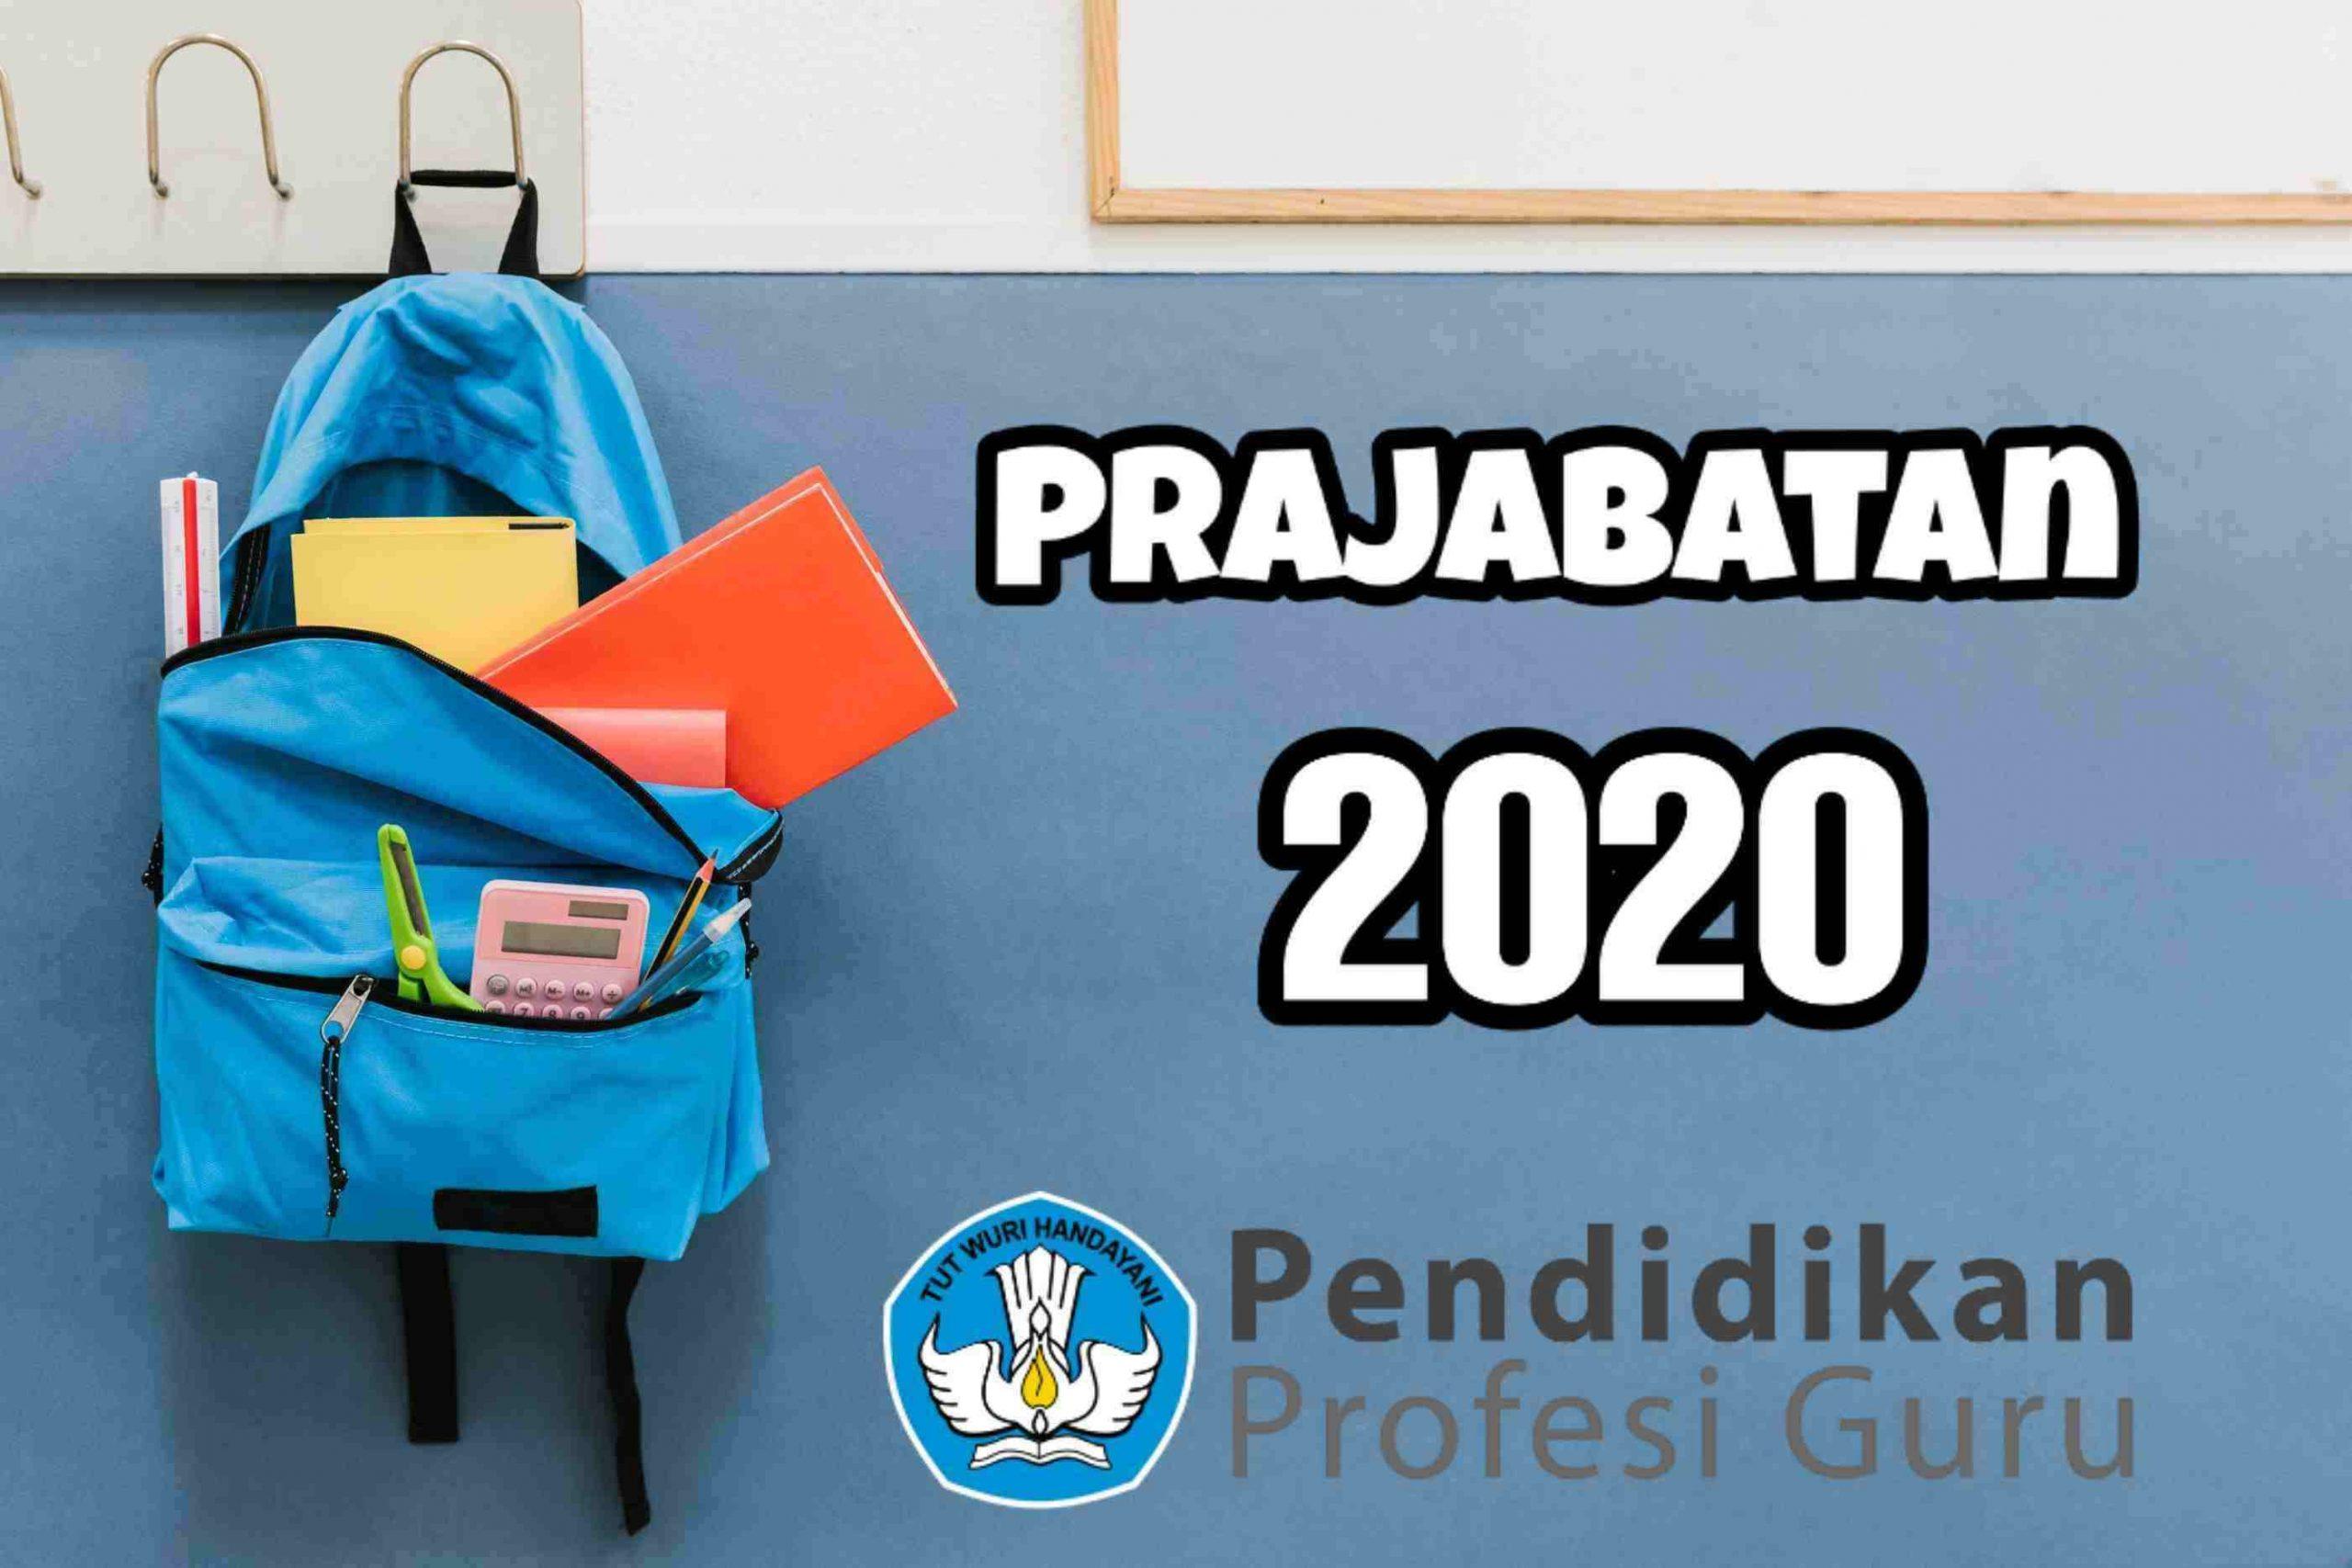 PPG Prajabatan 2020